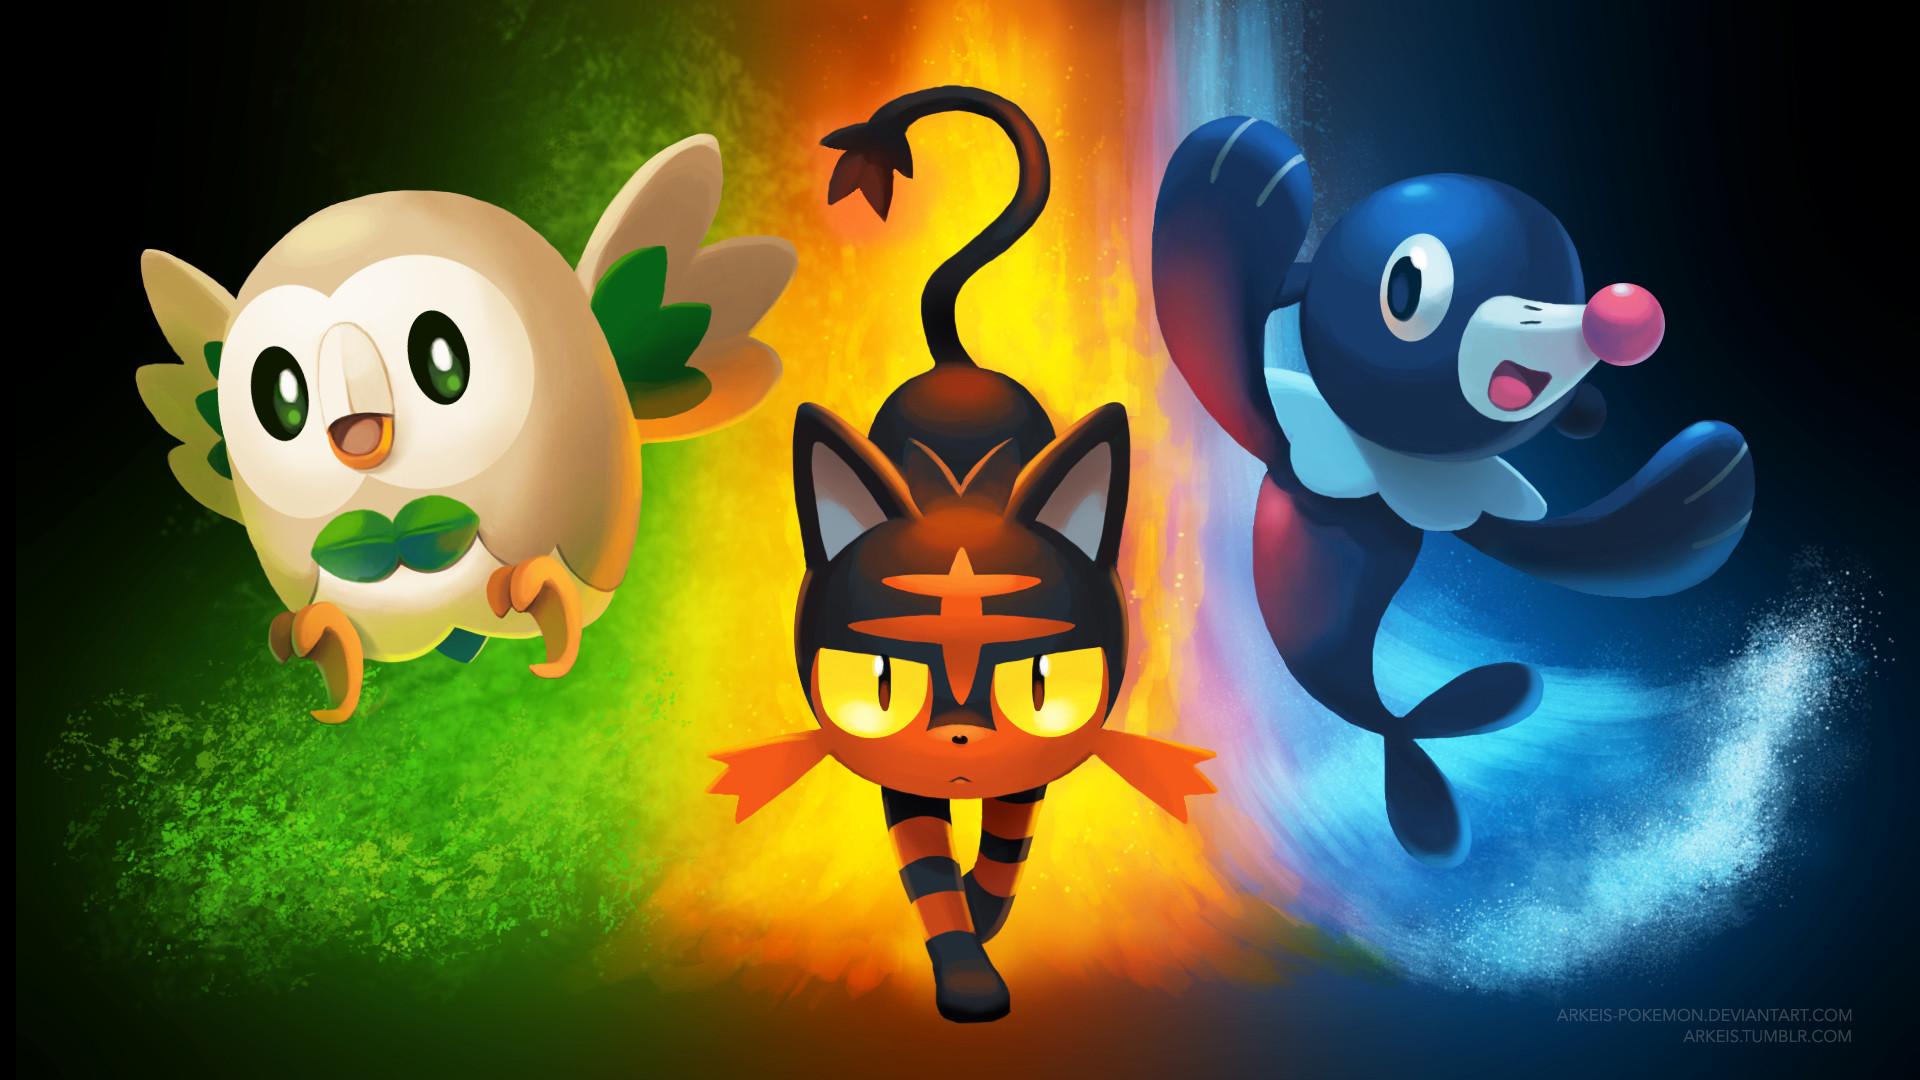 Starter Pokemon Wallpapers, Desktop Backgrounds